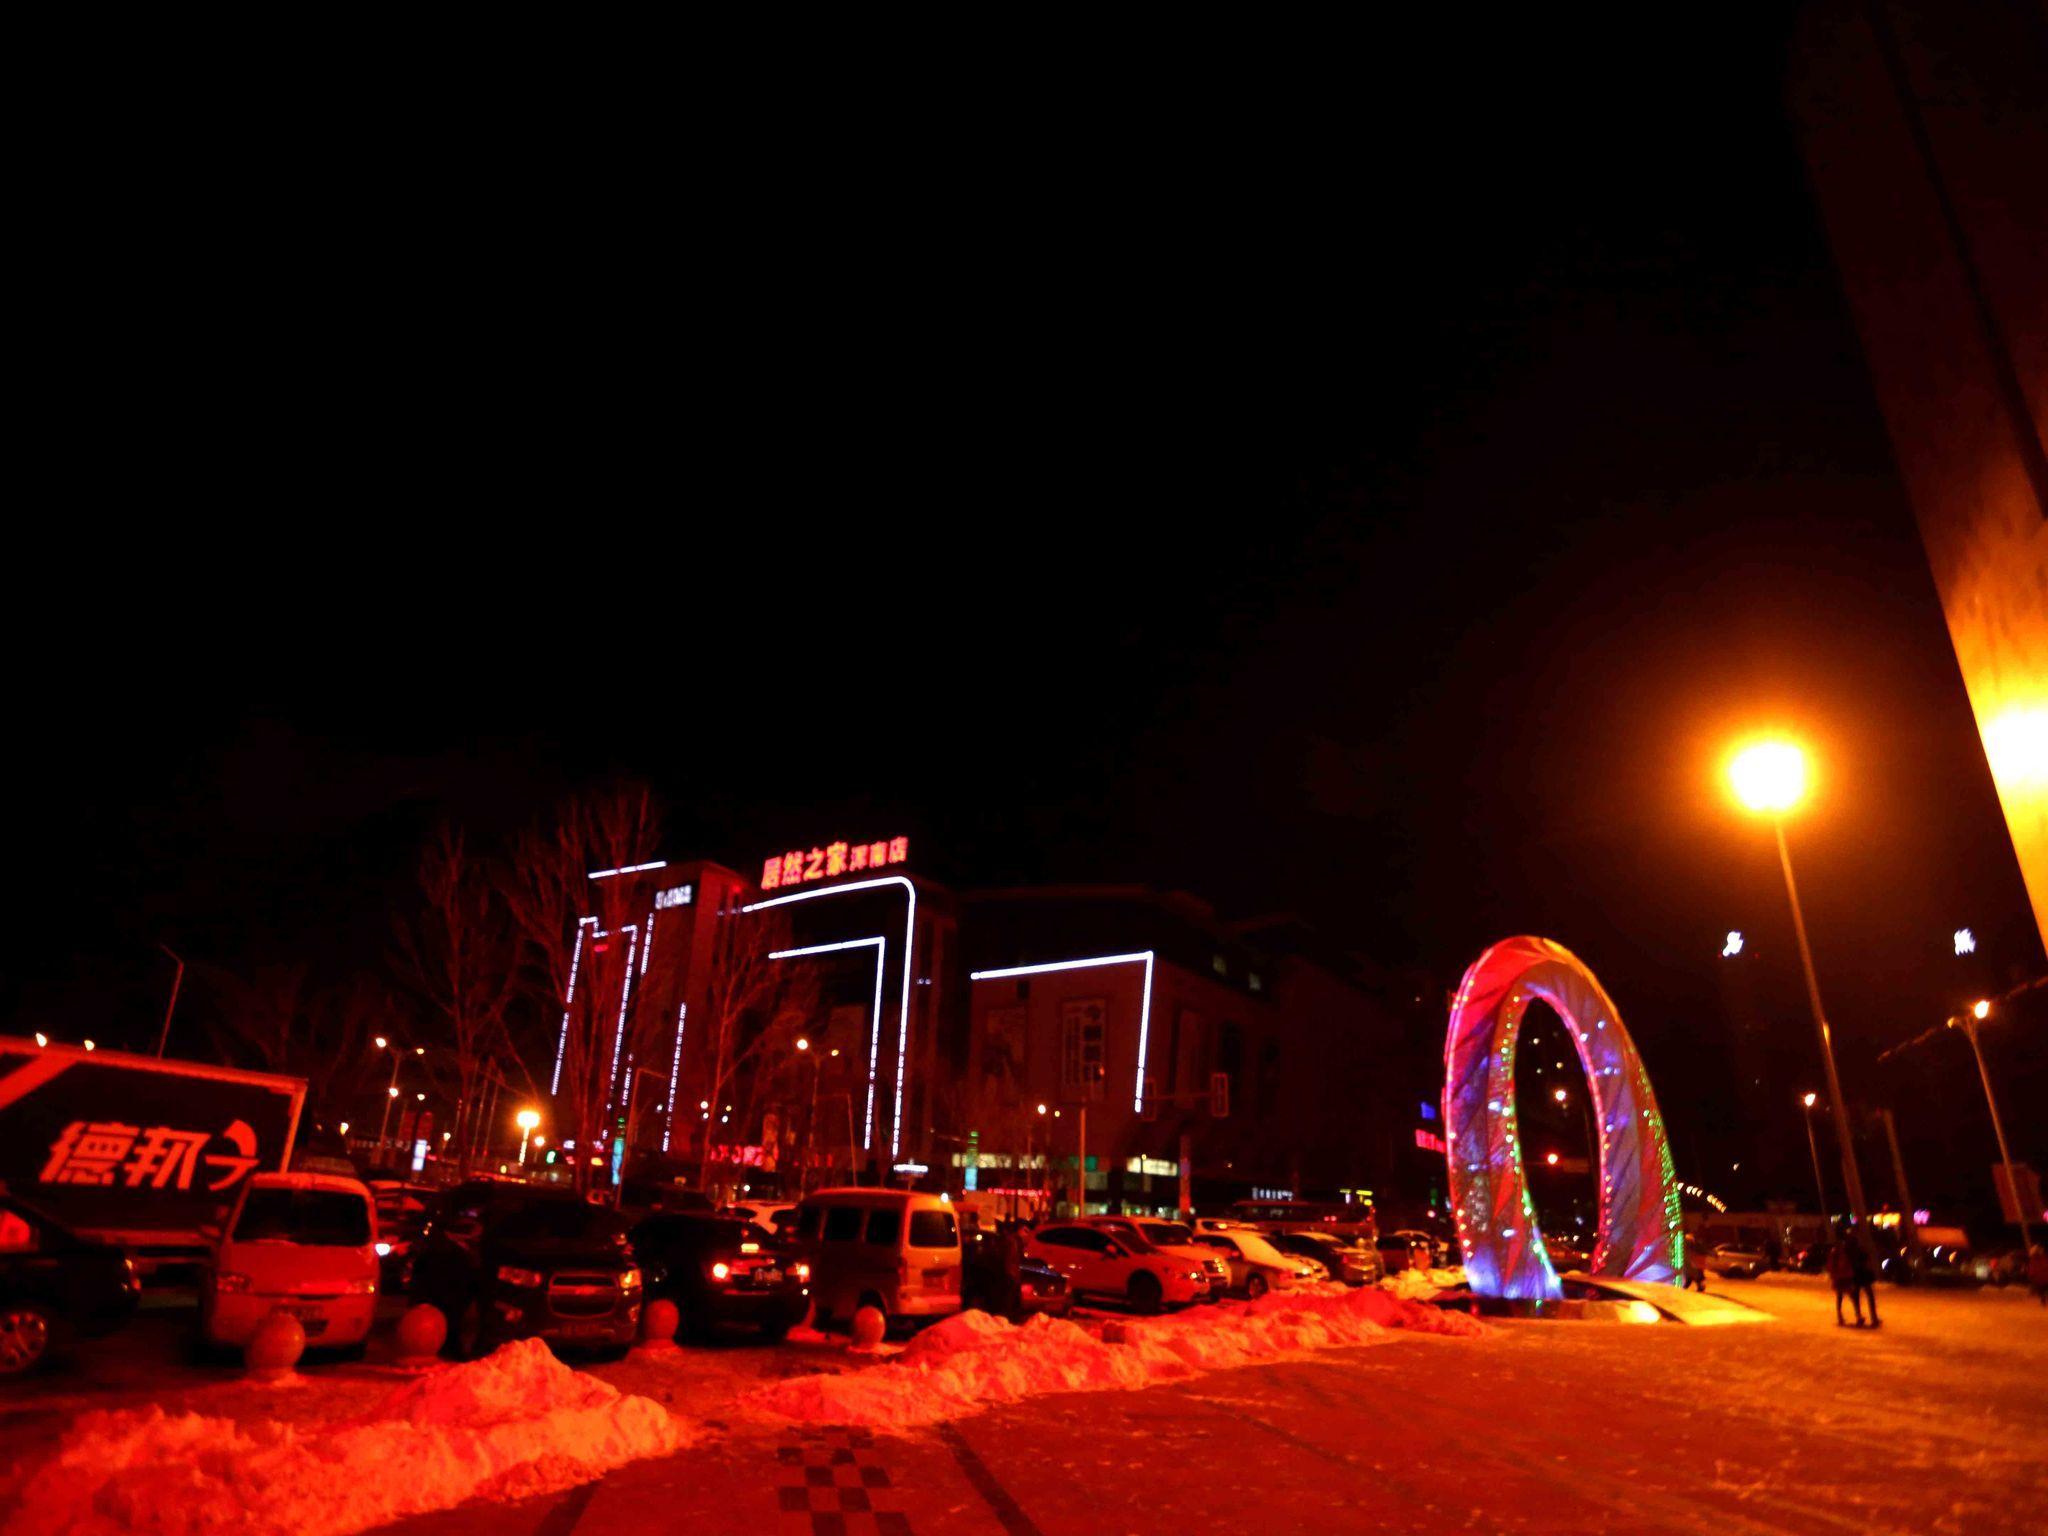 Shenyang Jinhui Meiyu Hotel Olympic Sports Wanda Branch